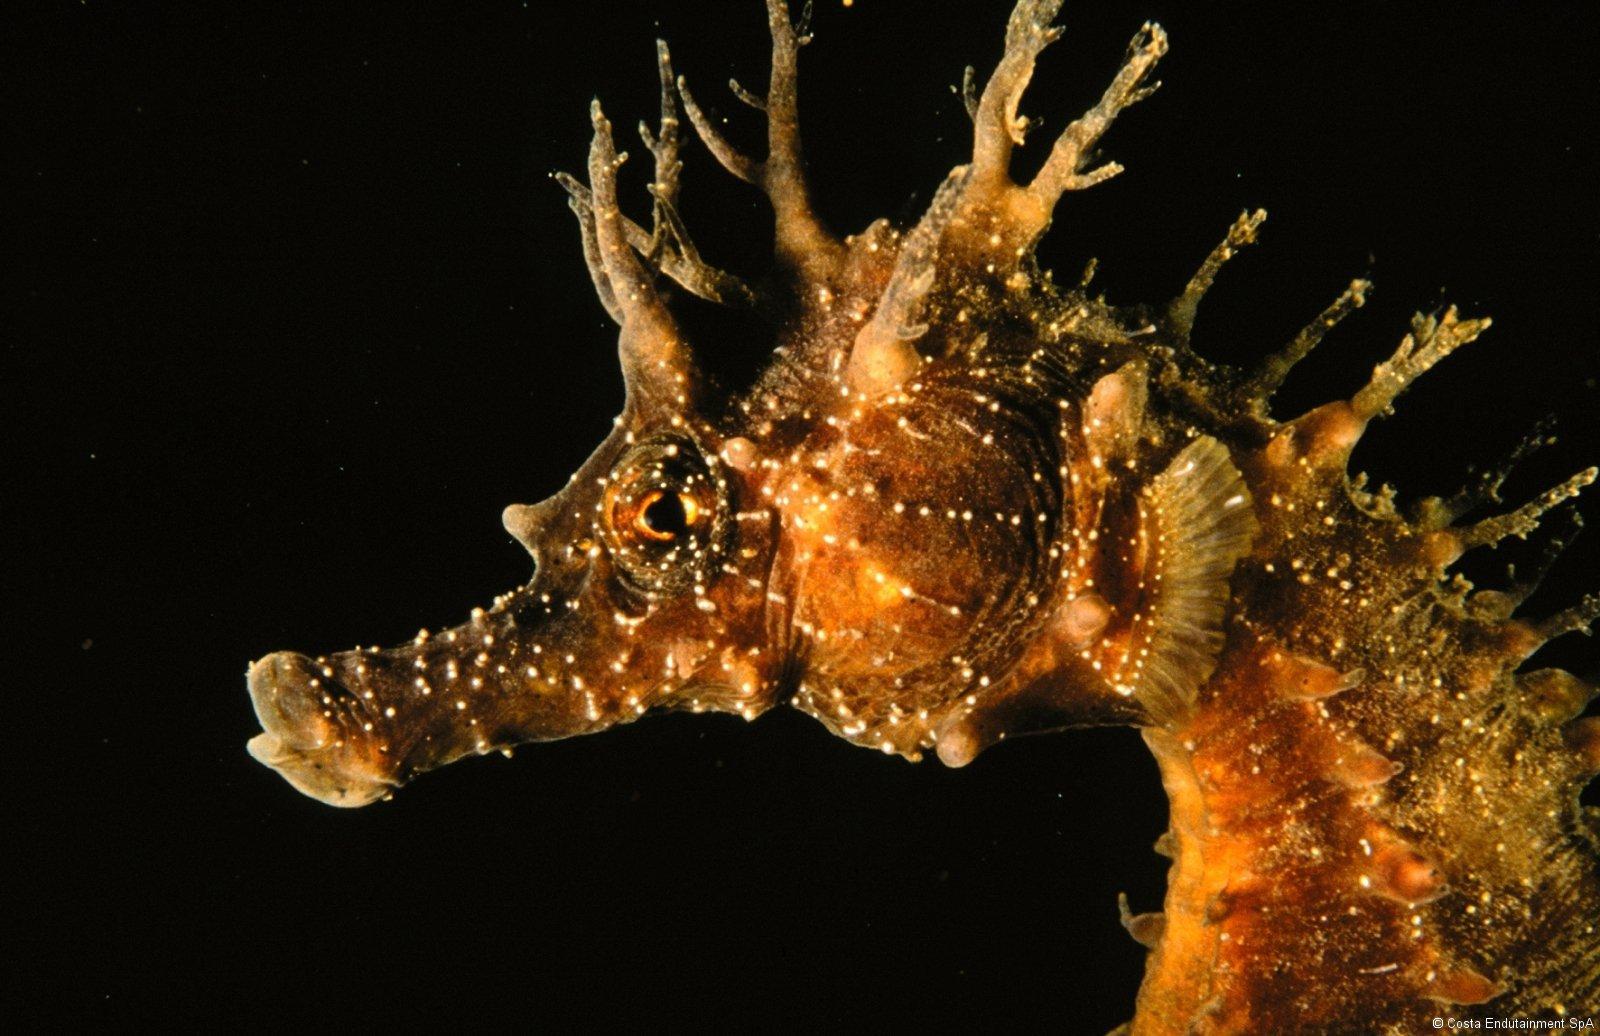 Come i pesci ago i cavallucci marini hanno uno scheletro for Immagini cavalluccio marino